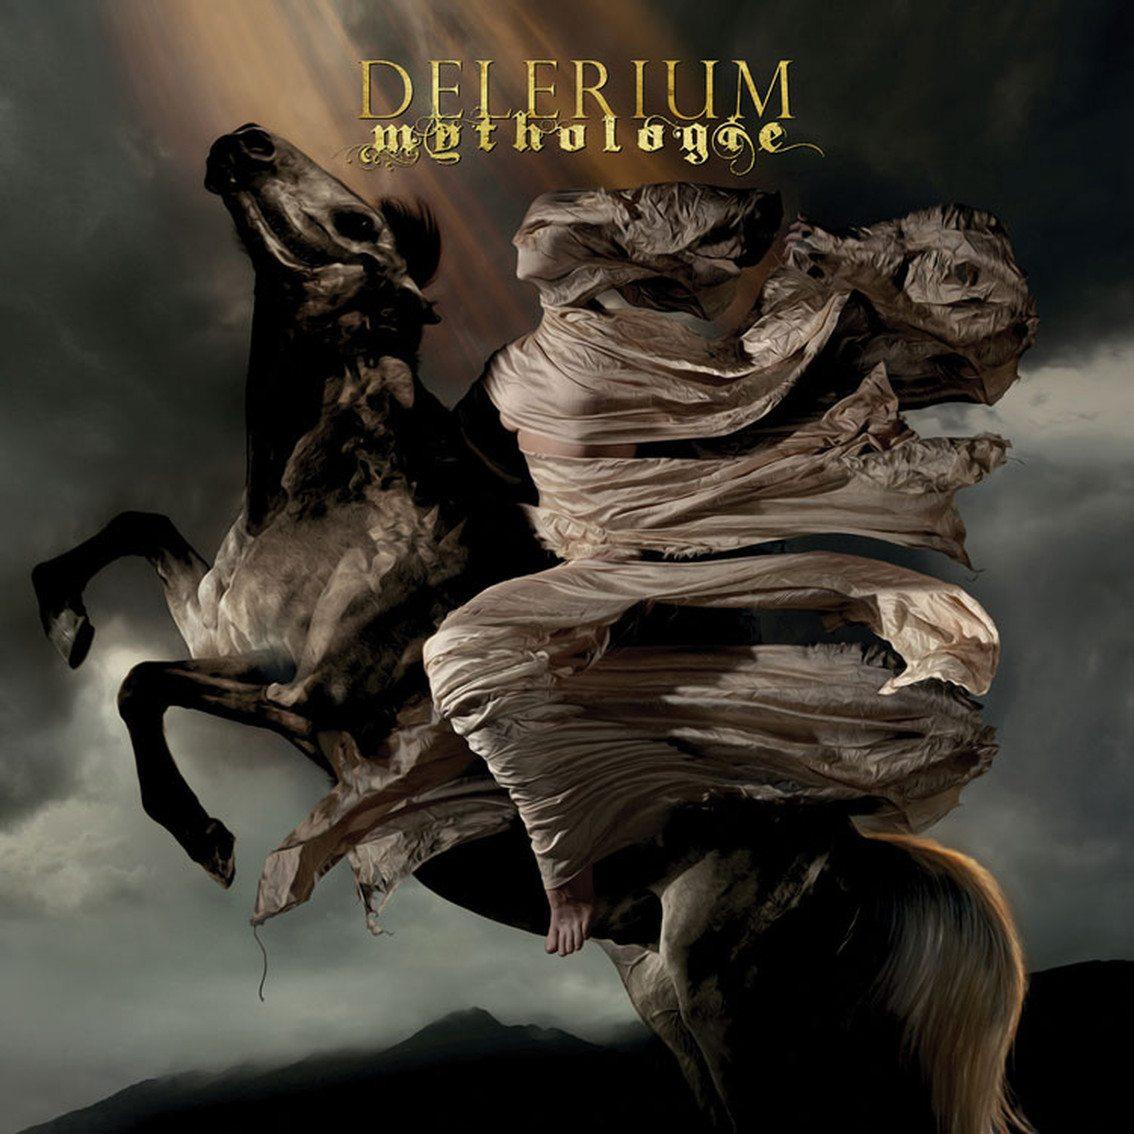 DELERIUM Mythologie LIMITED CD Digipack 2016